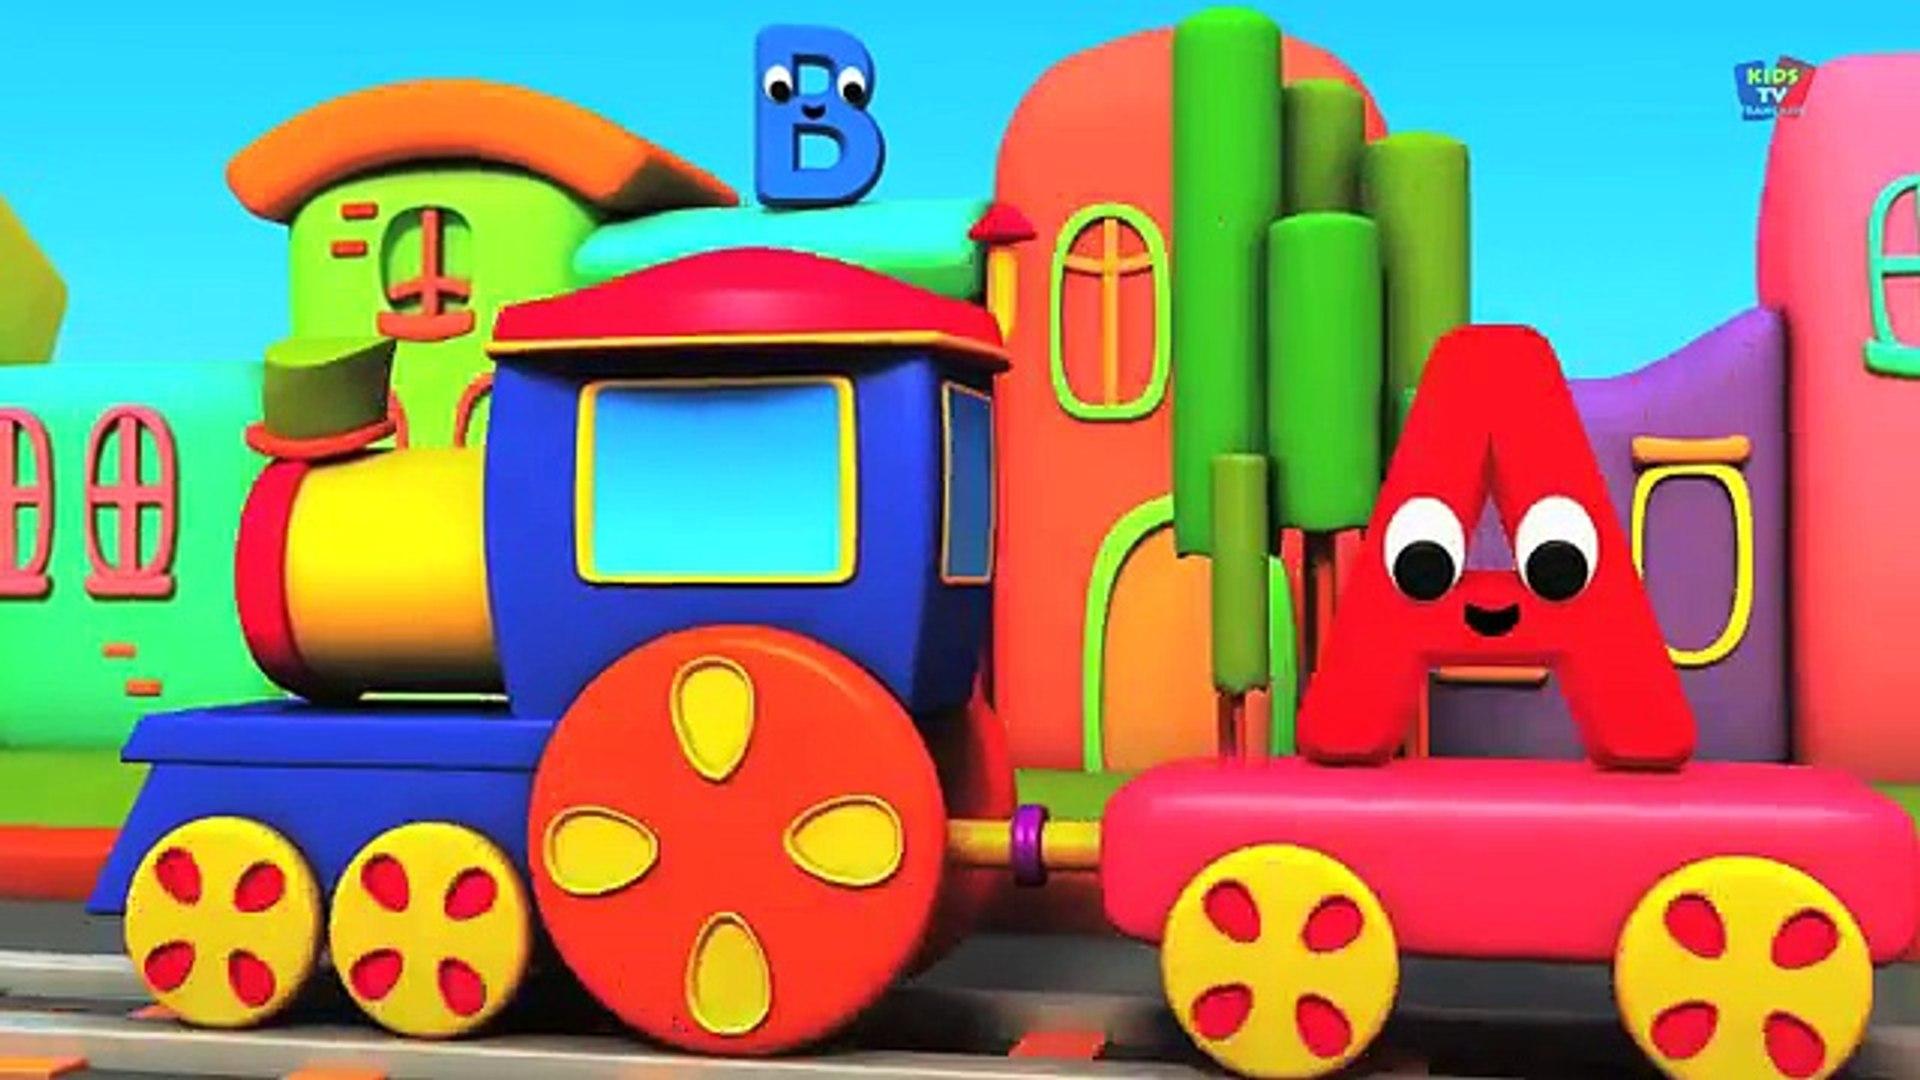 Bob Le train - Construire des figures   bob le train compilation   bob le train français